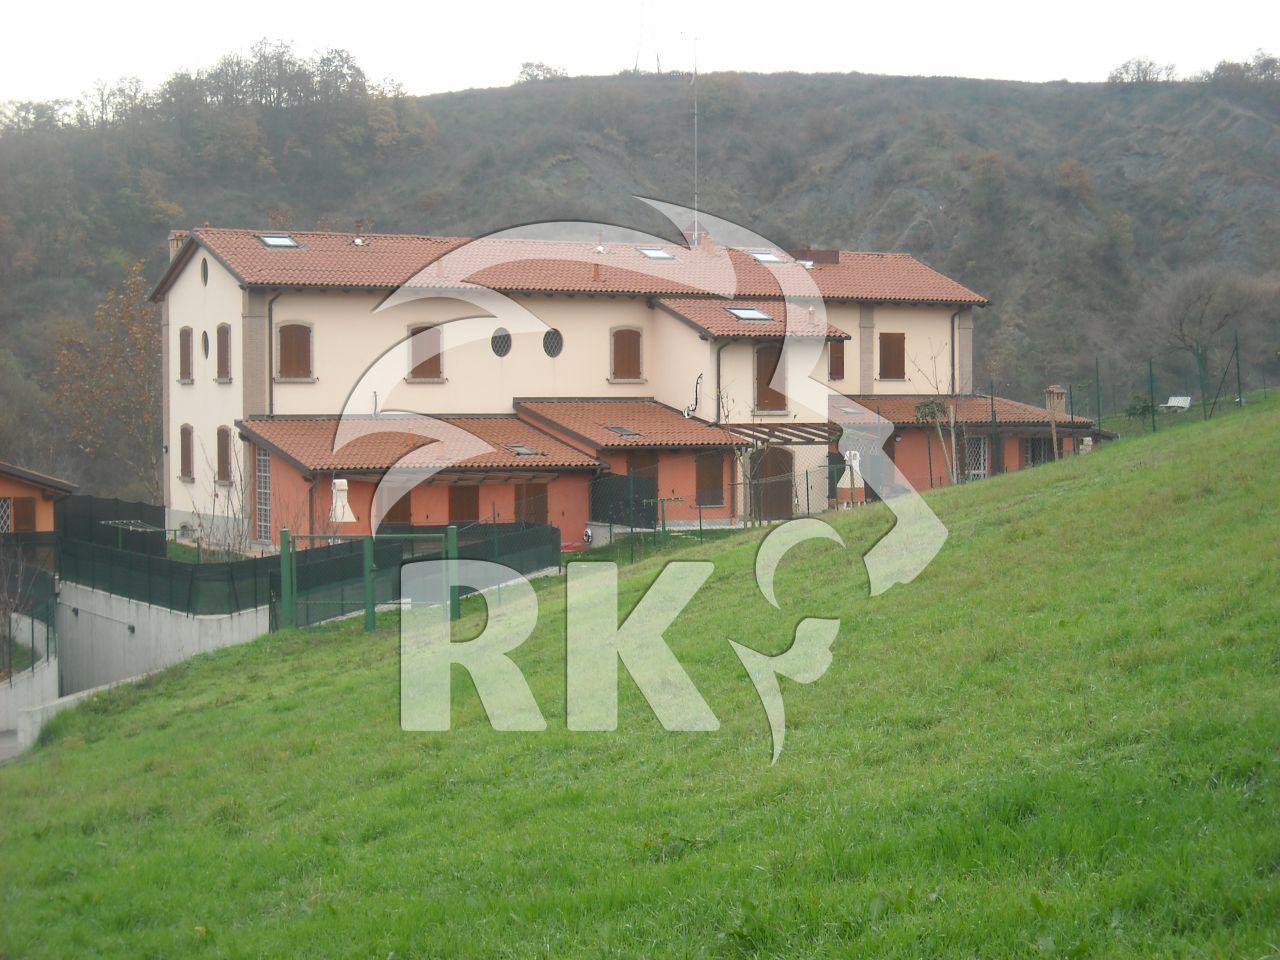 Indipendente trifamiliare in affitto bologna colli paderno - Affitto casa con giardino ...